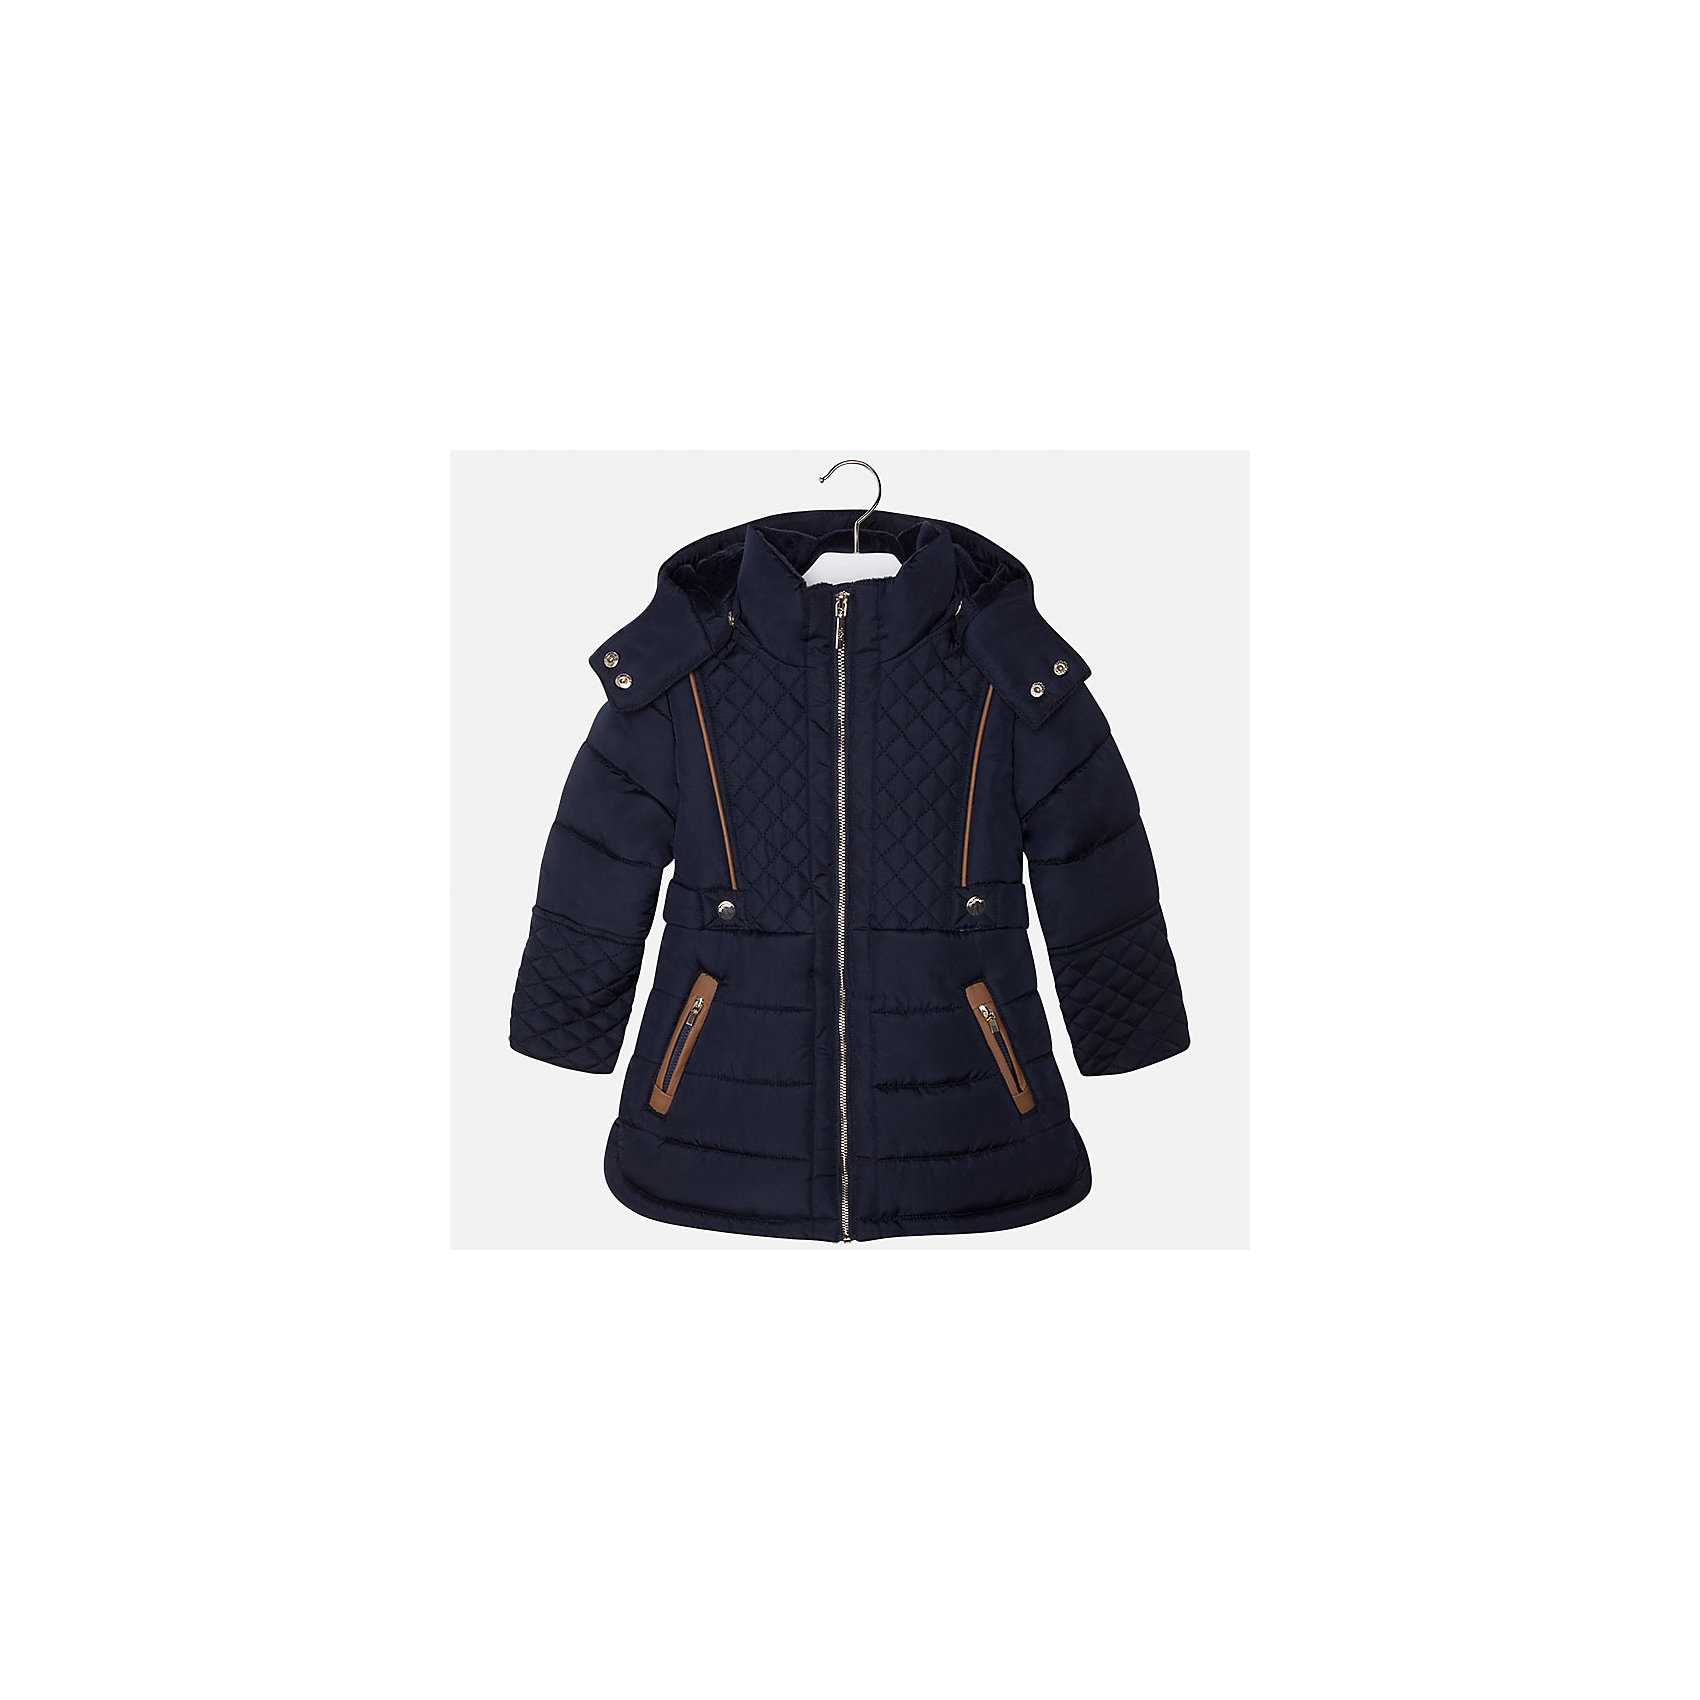 Куртка для девочки MayoralВерхняя одежда<br>Пальто для девочки из коллекции осень-зима 2016-2017 известного испанского бренда Mayoral (Майорал). Стильное и удобное темно-синее стеганое пальто с водооталкивающим покрытием. Приталенный силуэт, большой капюшон и модные бежевые детали отделки придутся по вкусу вашей моднице. Пальто застегивается на металлическую молнию и имеет два кармана на молниях. Пальто имеет качественный крой, капюшон пристегивается на кнопки, имеются разрезы в нижней части по бокам.<br><br>Дополнительная информация:<br>- Длина: удлиненная <br>- Силуэт: приталенный; прямой <br><br>Состав: 100% полиэстер <br><br>Пальто для девочки Mayoral (Майорал) можно купить в нашем интернет-магазине.<br><br>Подробнее:<br>• Для детей в возрасте: от 5 до 12 лет<br>• Номер товара: 4843851 <br>Страна производитель: Китай<br><br>Ширина мм: 356<br>Глубина мм: 10<br>Высота мм: 245<br>Вес г: 519<br>Цвет: синий<br>Возраст от месяцев: 36<br>Возраст до месяцев: 48<br>Пол: Женский<br>Возраст: Детский<br>Размер: 104,98,110,122,134,116,128<br>SKU: 4843850